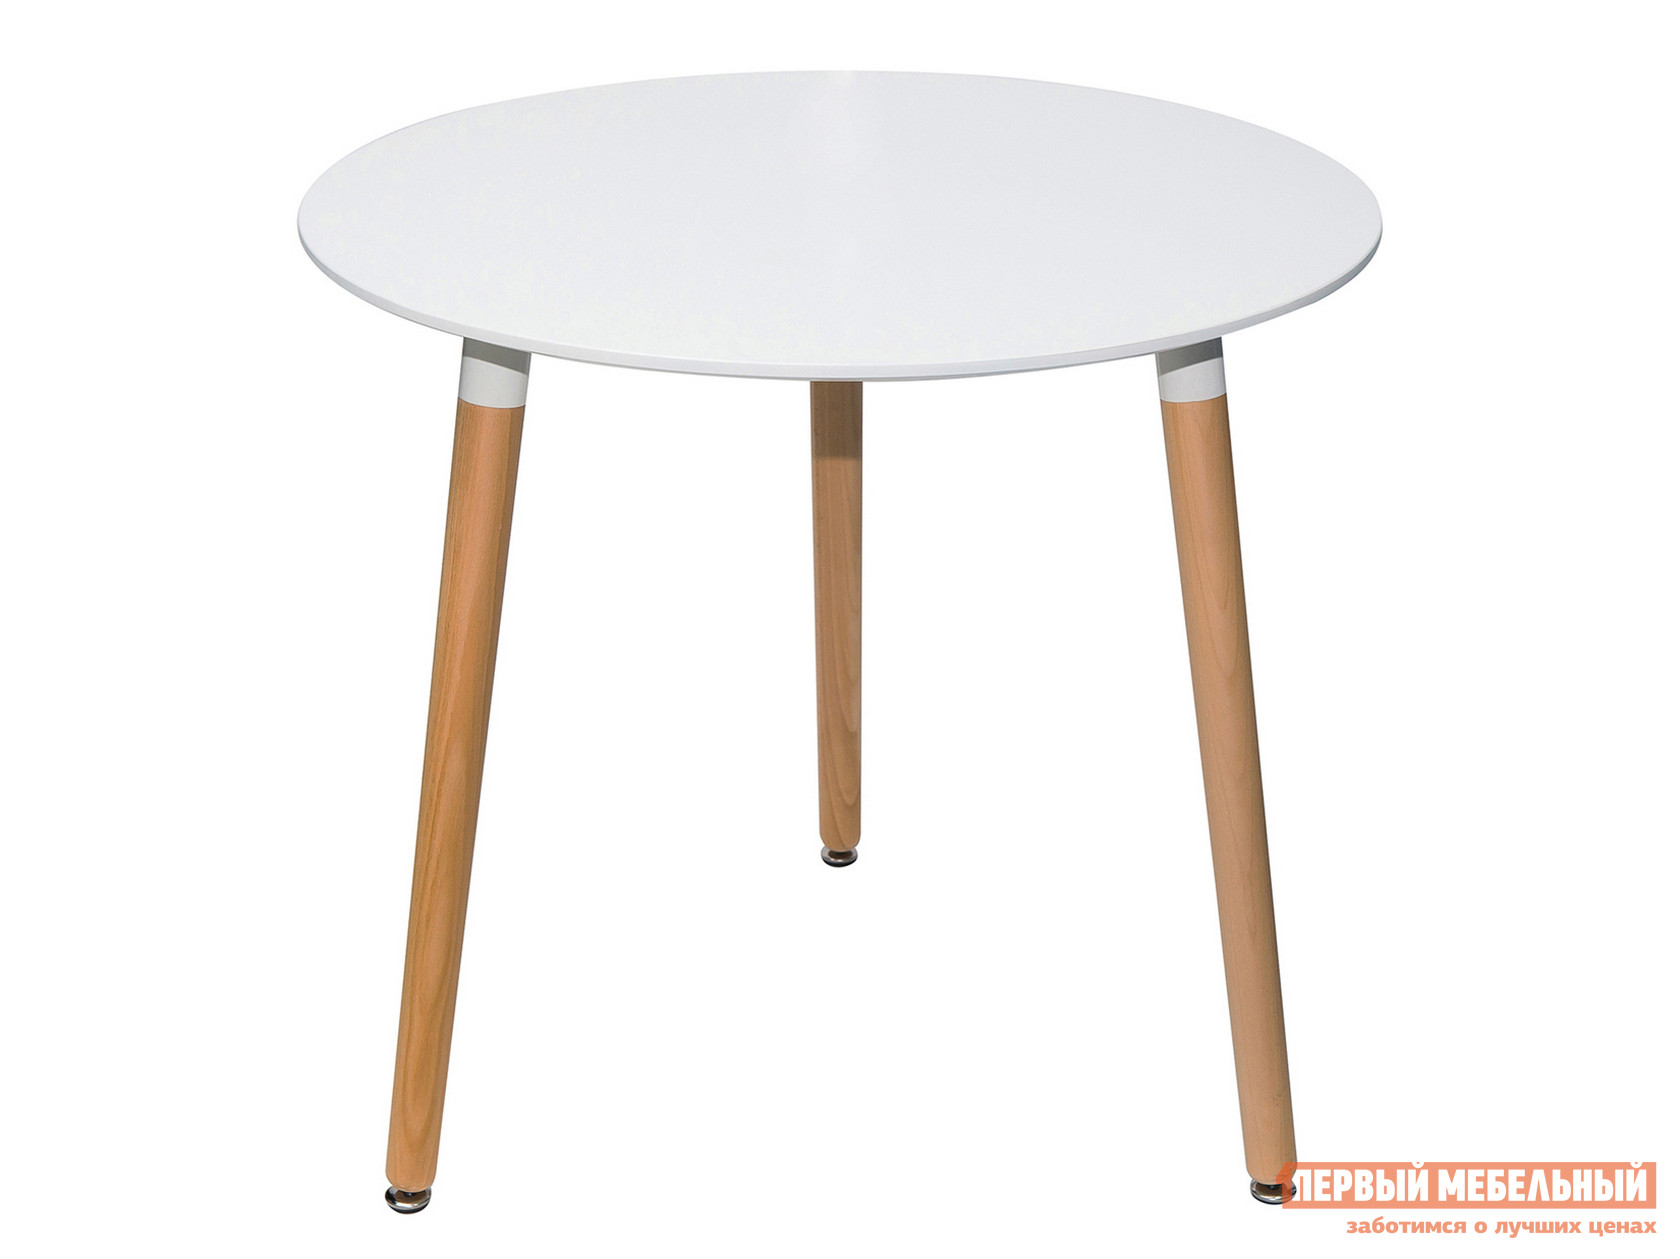 Кухонный стол Первый Мебельный EAMES DST Z-210